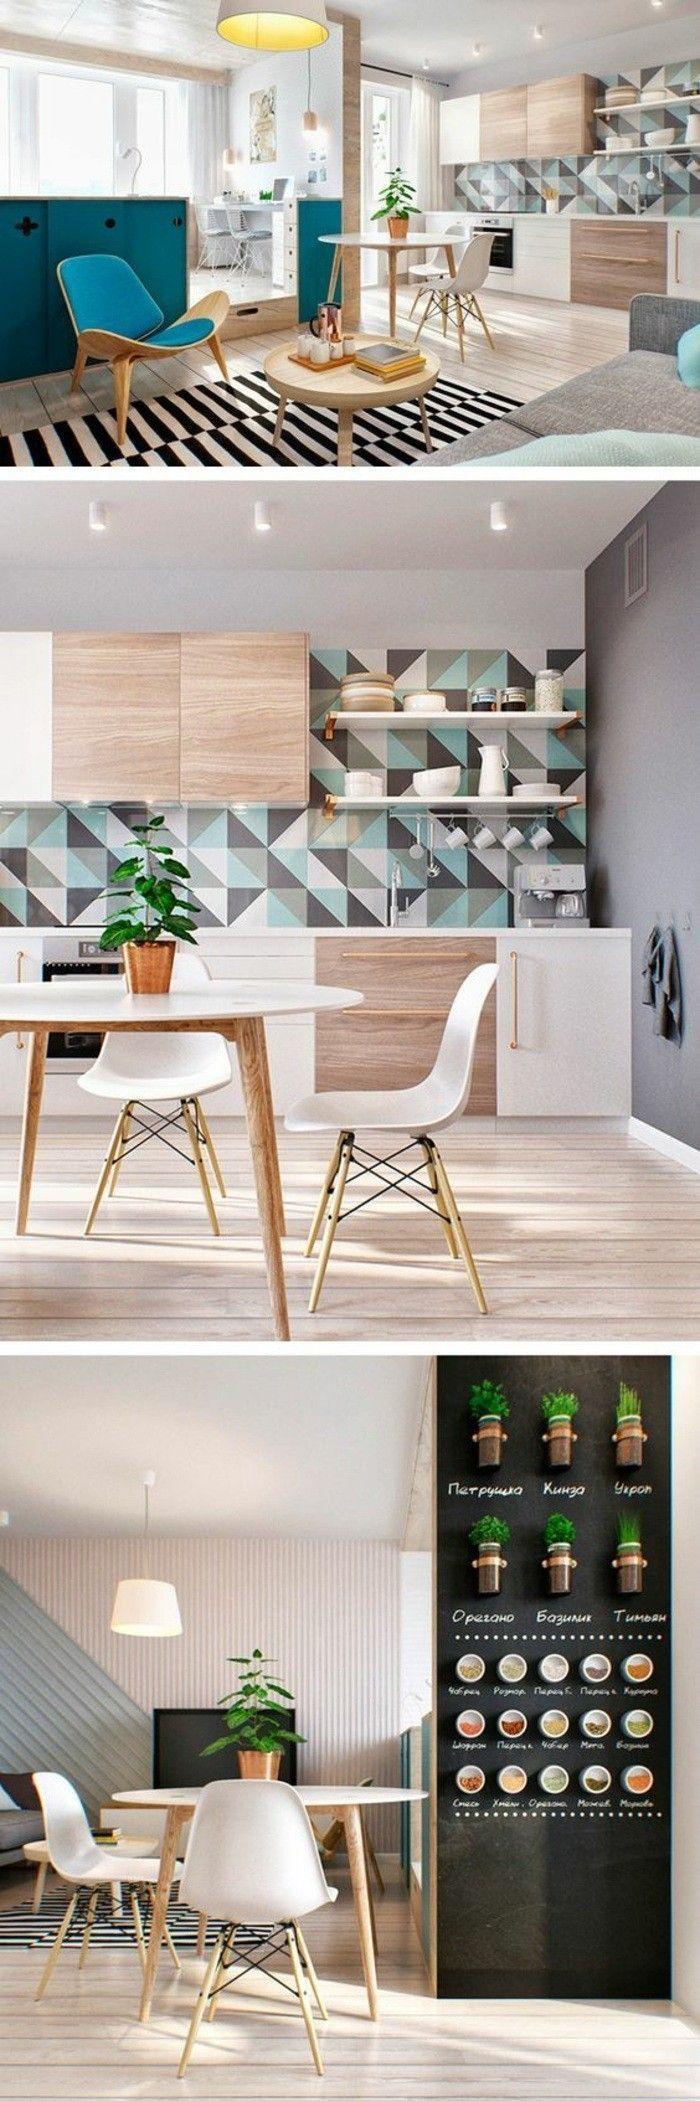 10 Kuche Dekorieren Tisch Stuhle Wanddeko Teppich Und Krauterlampe Pflanze Schwarz Kuchene Popular Kitchen Designs Modern Kitchen Design Kitchen Design